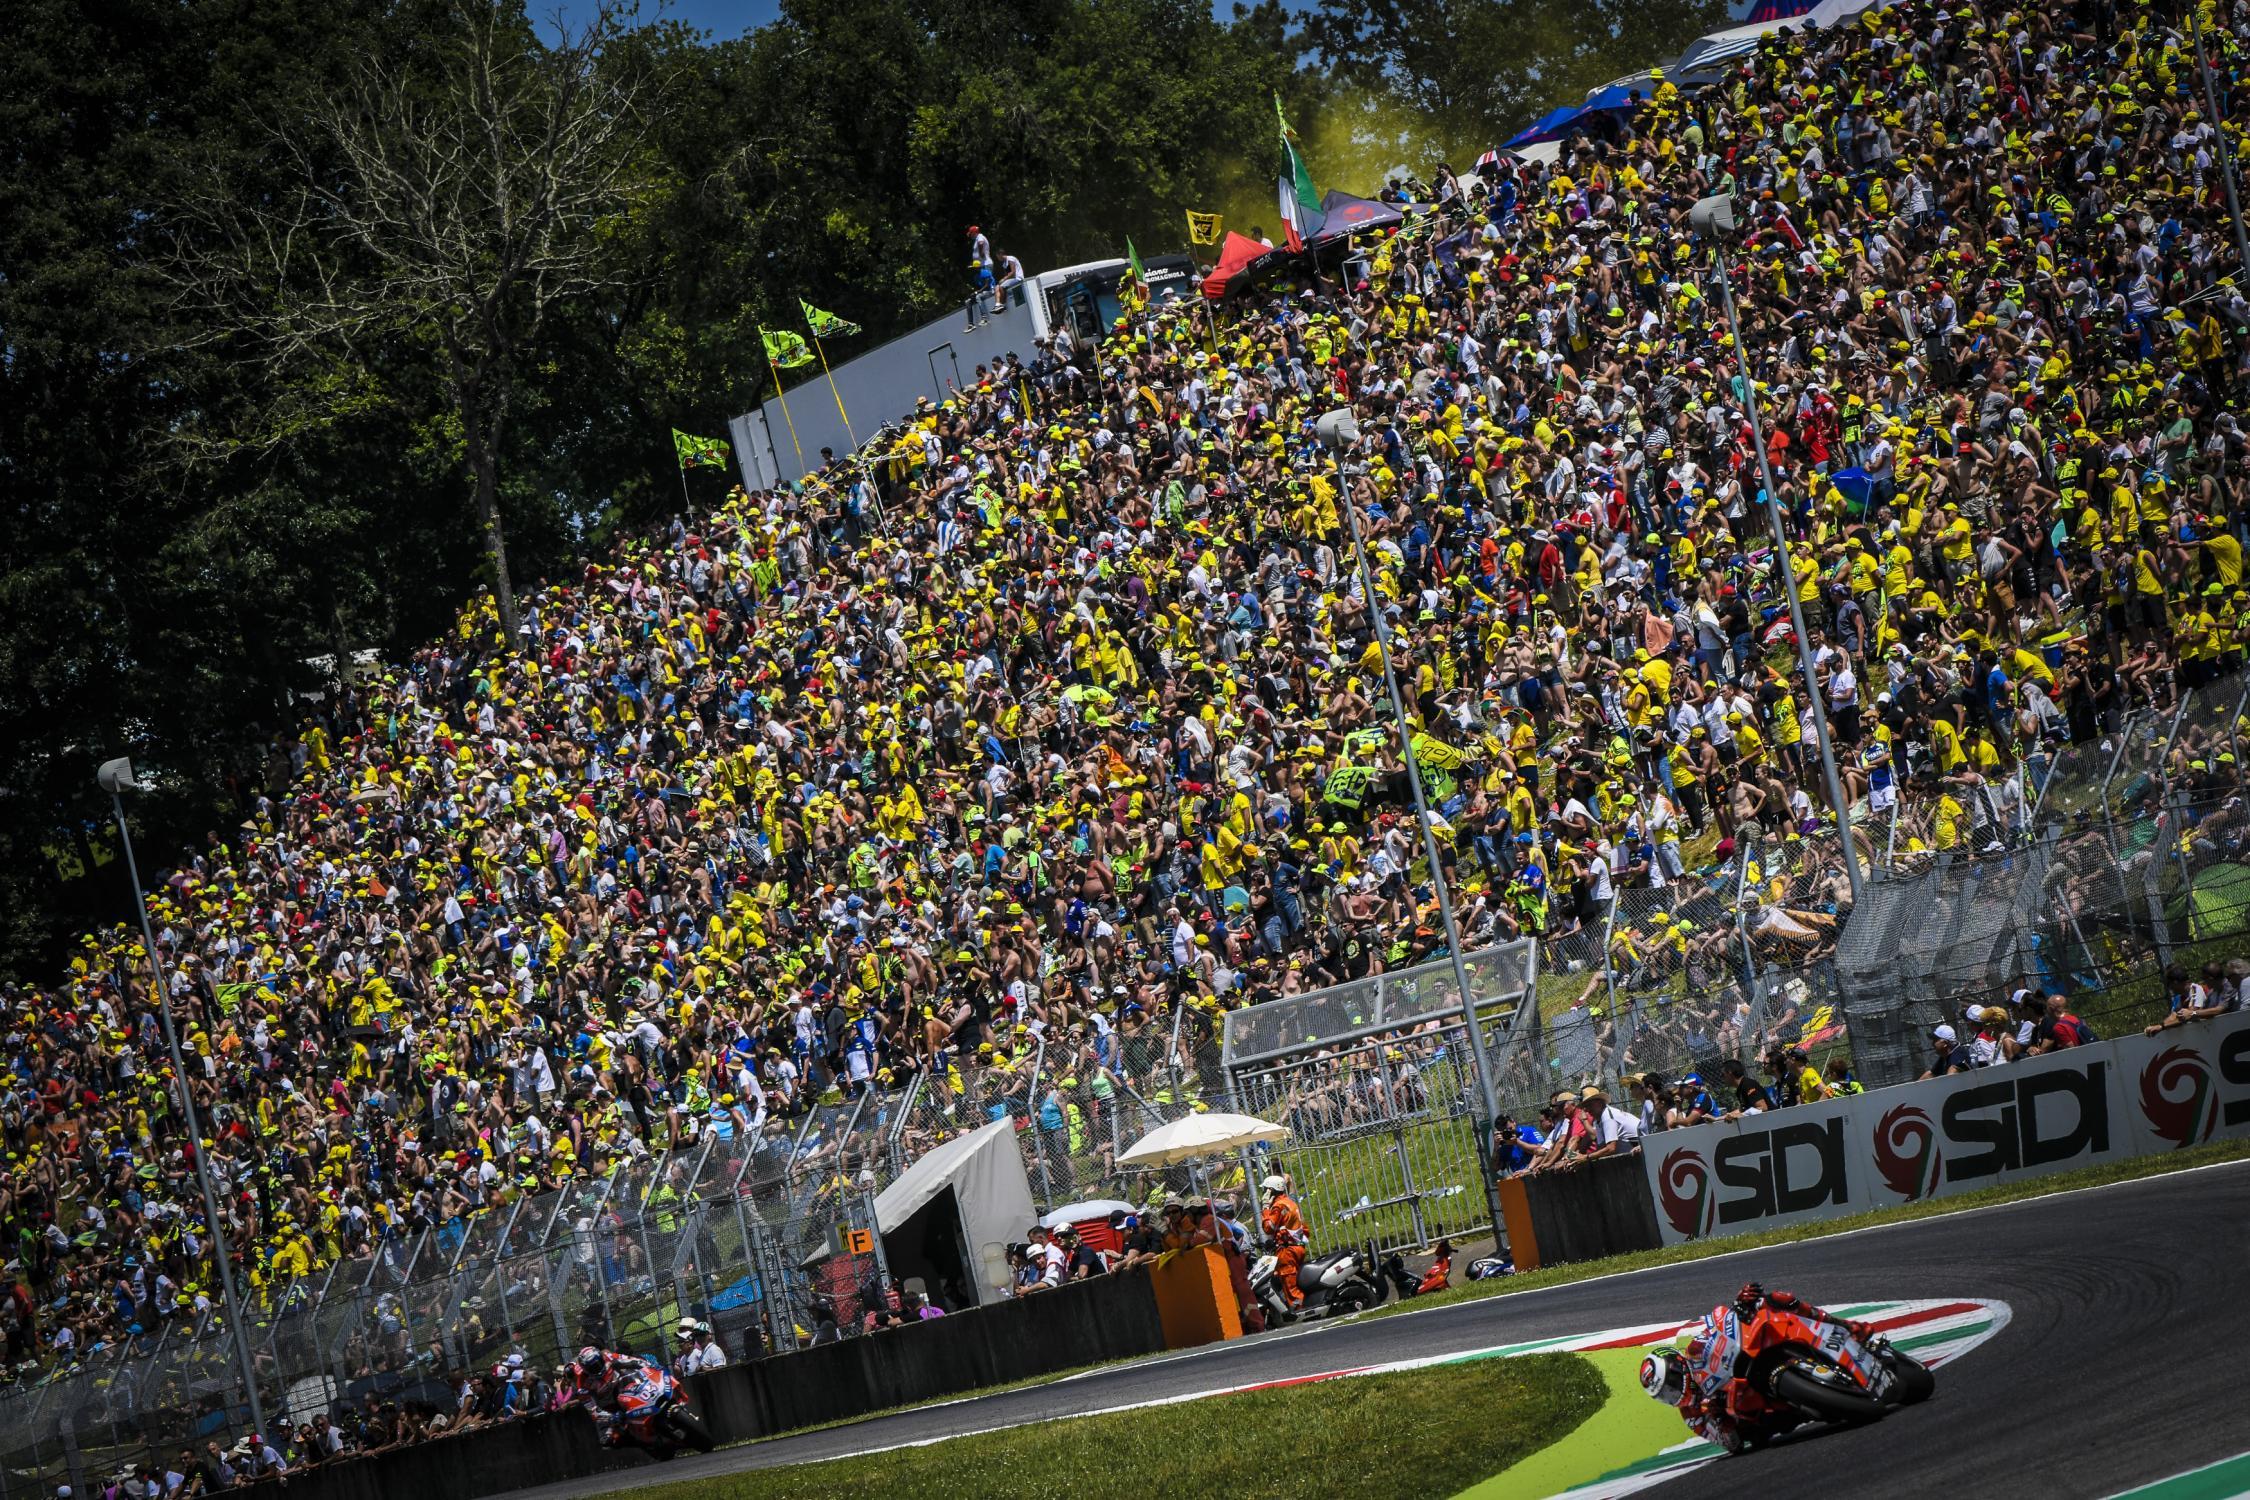 Le bar de la compétition moto ! - Page 37 _ds09562.gallery_full_top_fullscreen